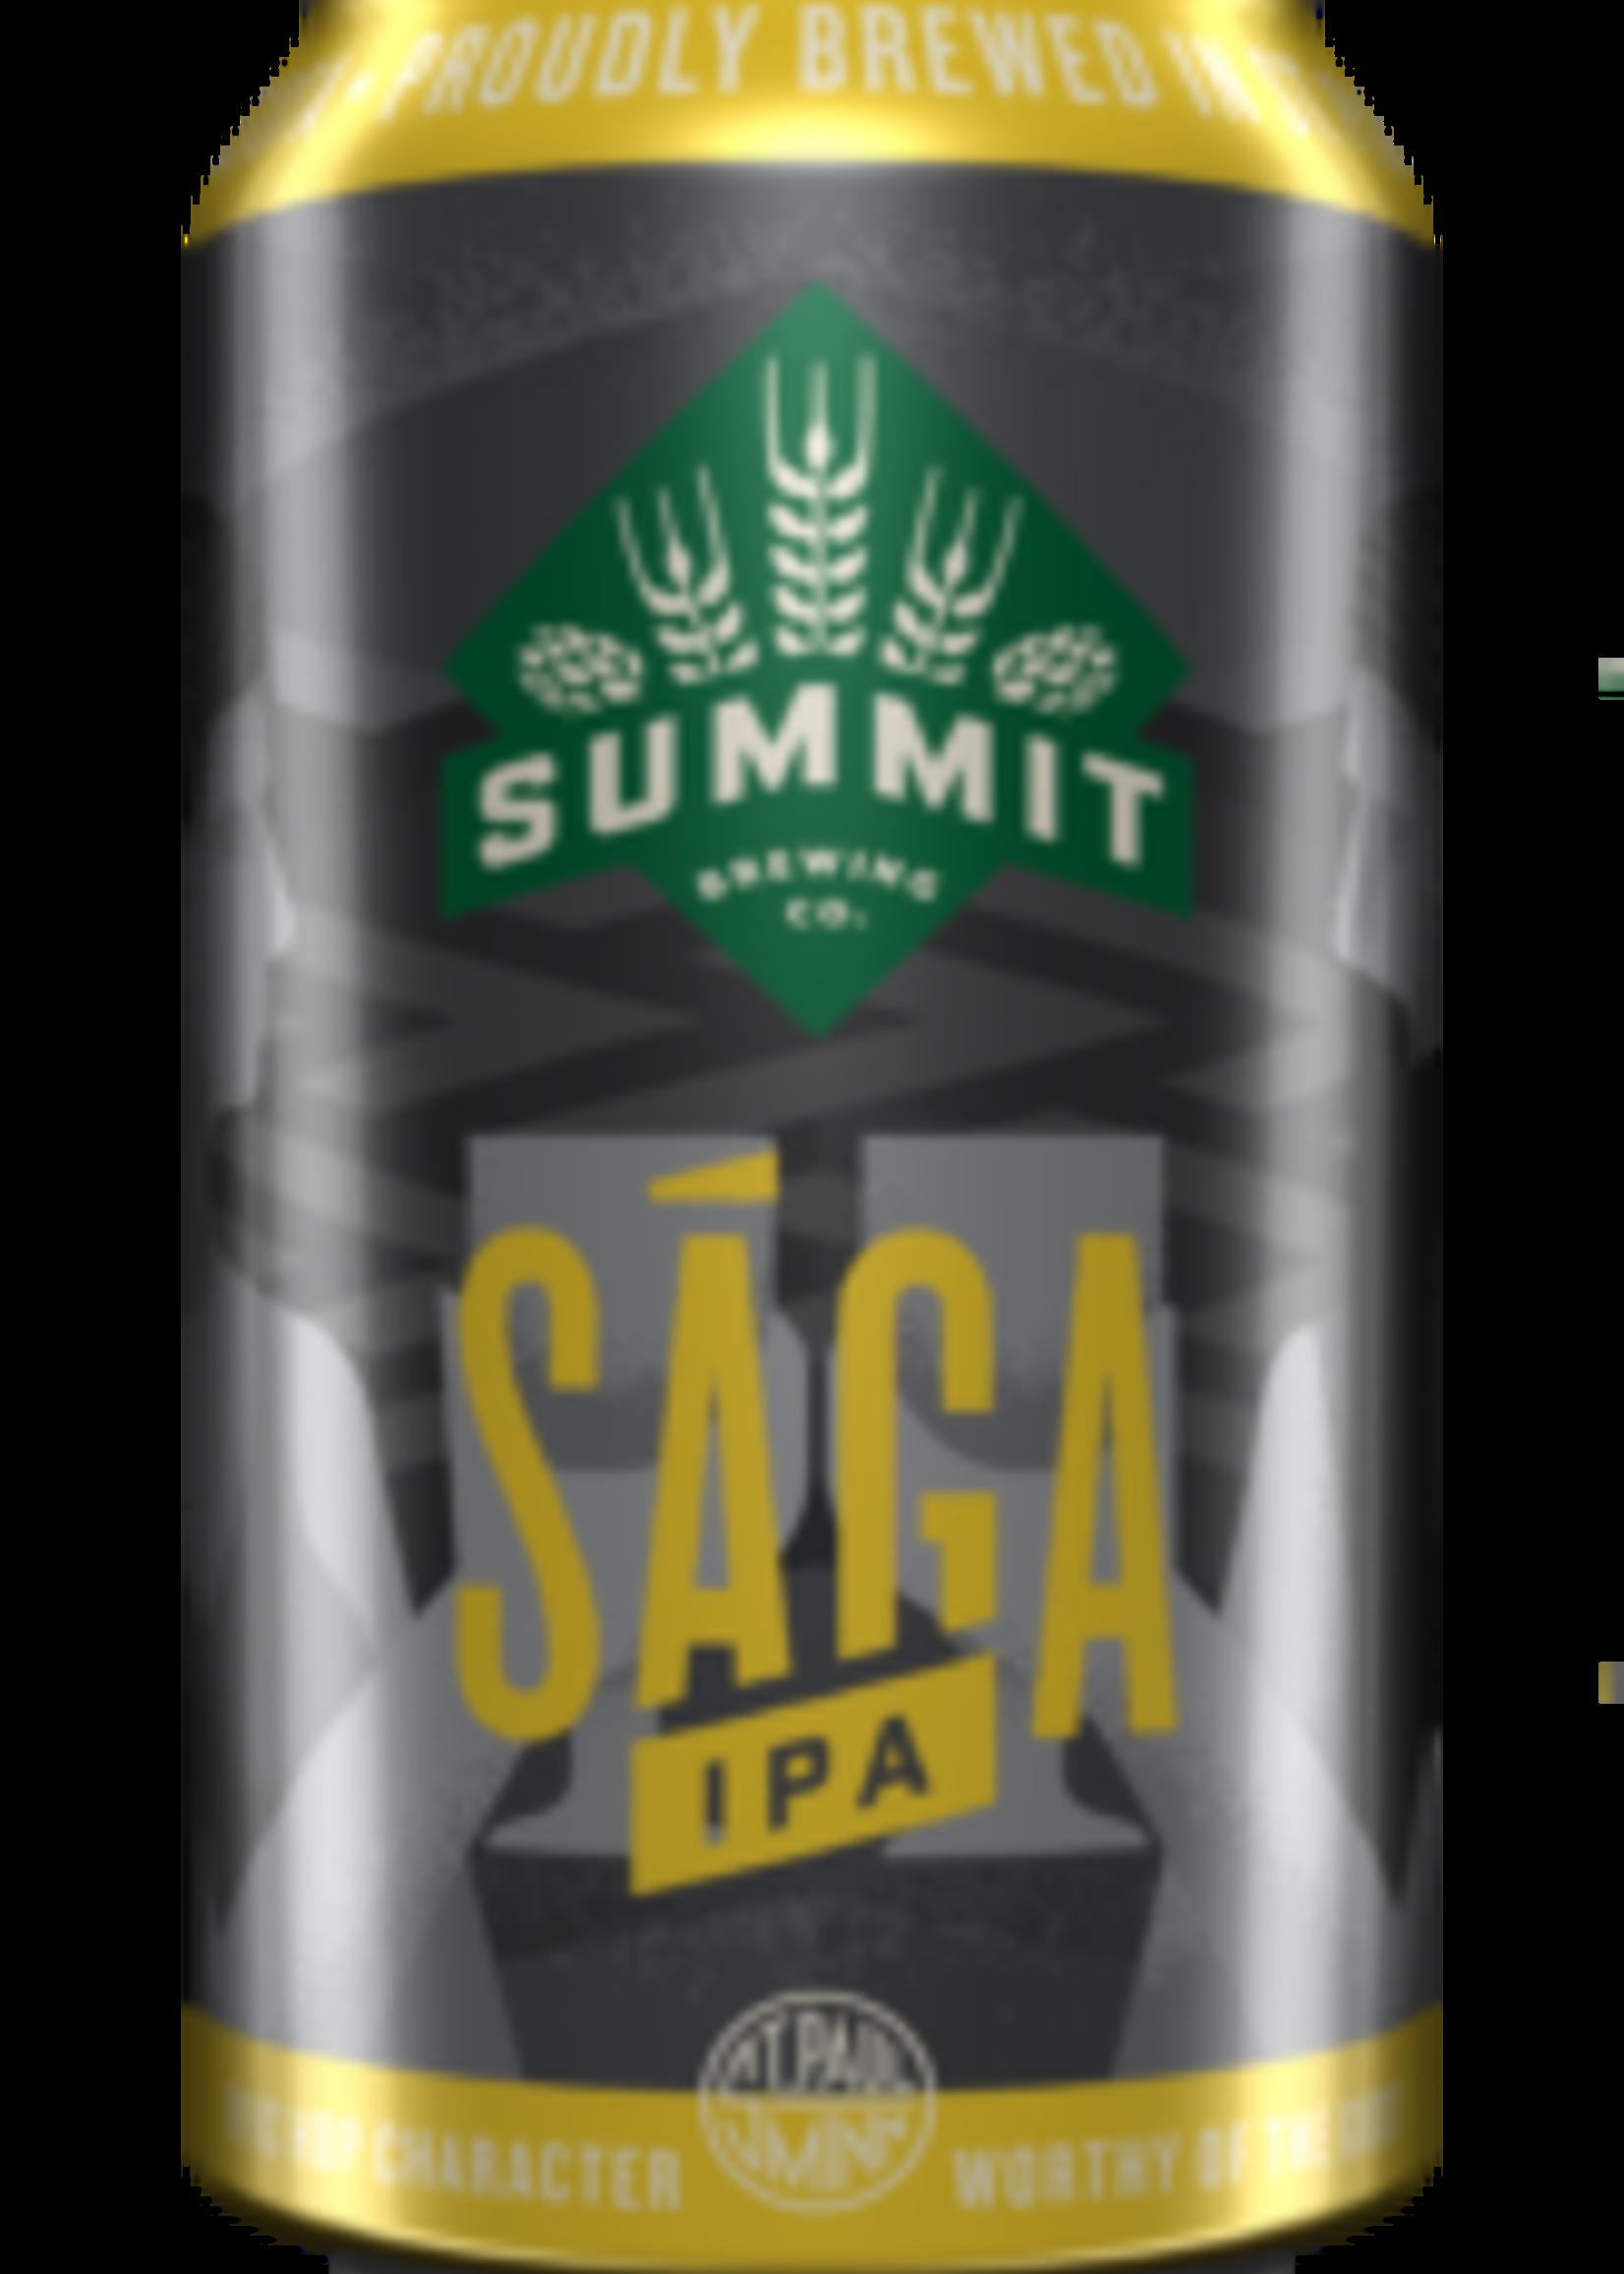 Summit Saga IPA - 12x12oz Cans